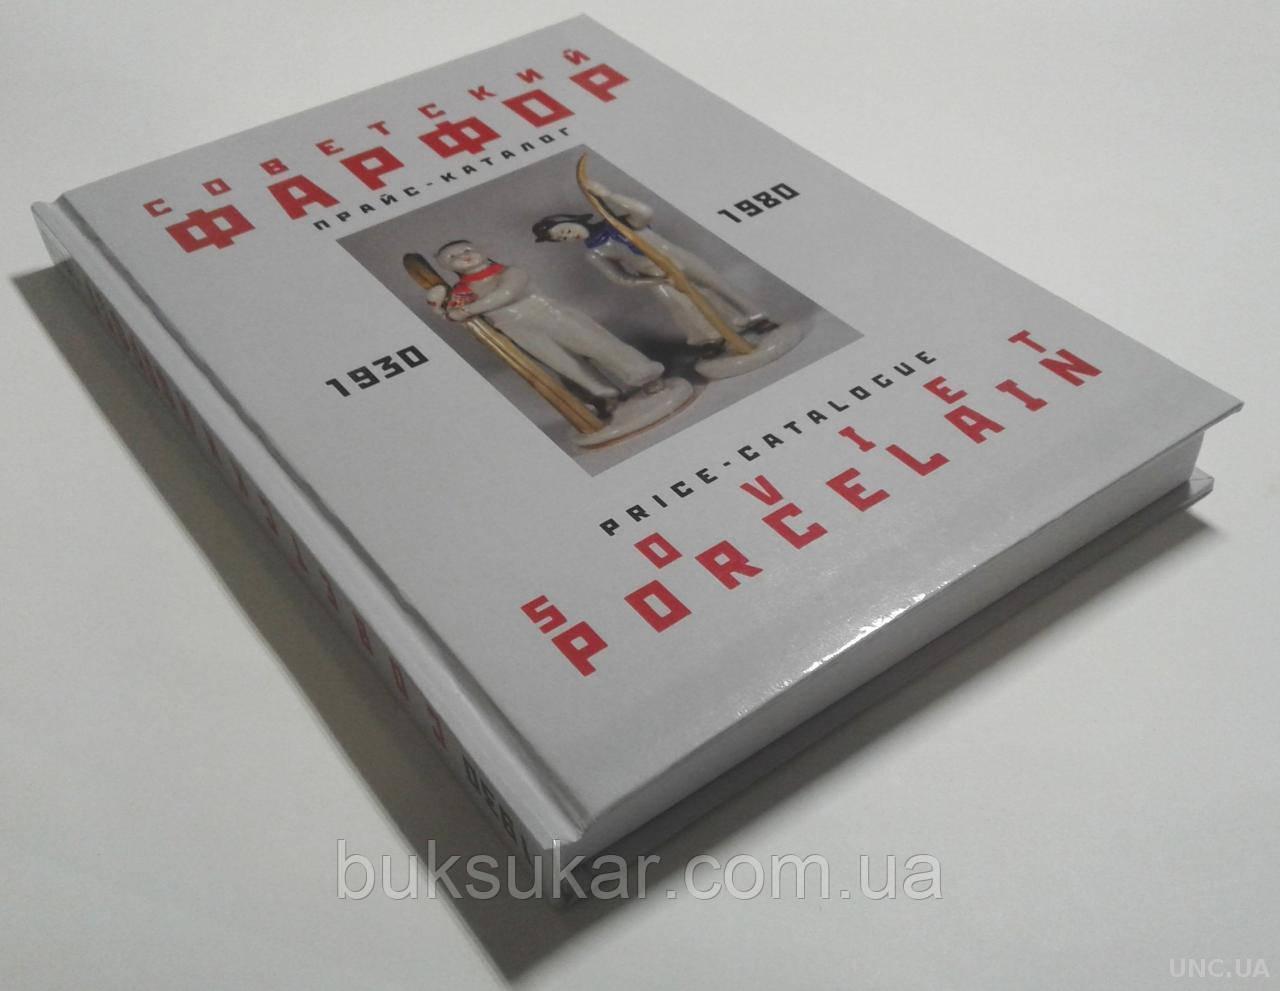 Советский фарфор 1930-80 гг - прайс-каталог